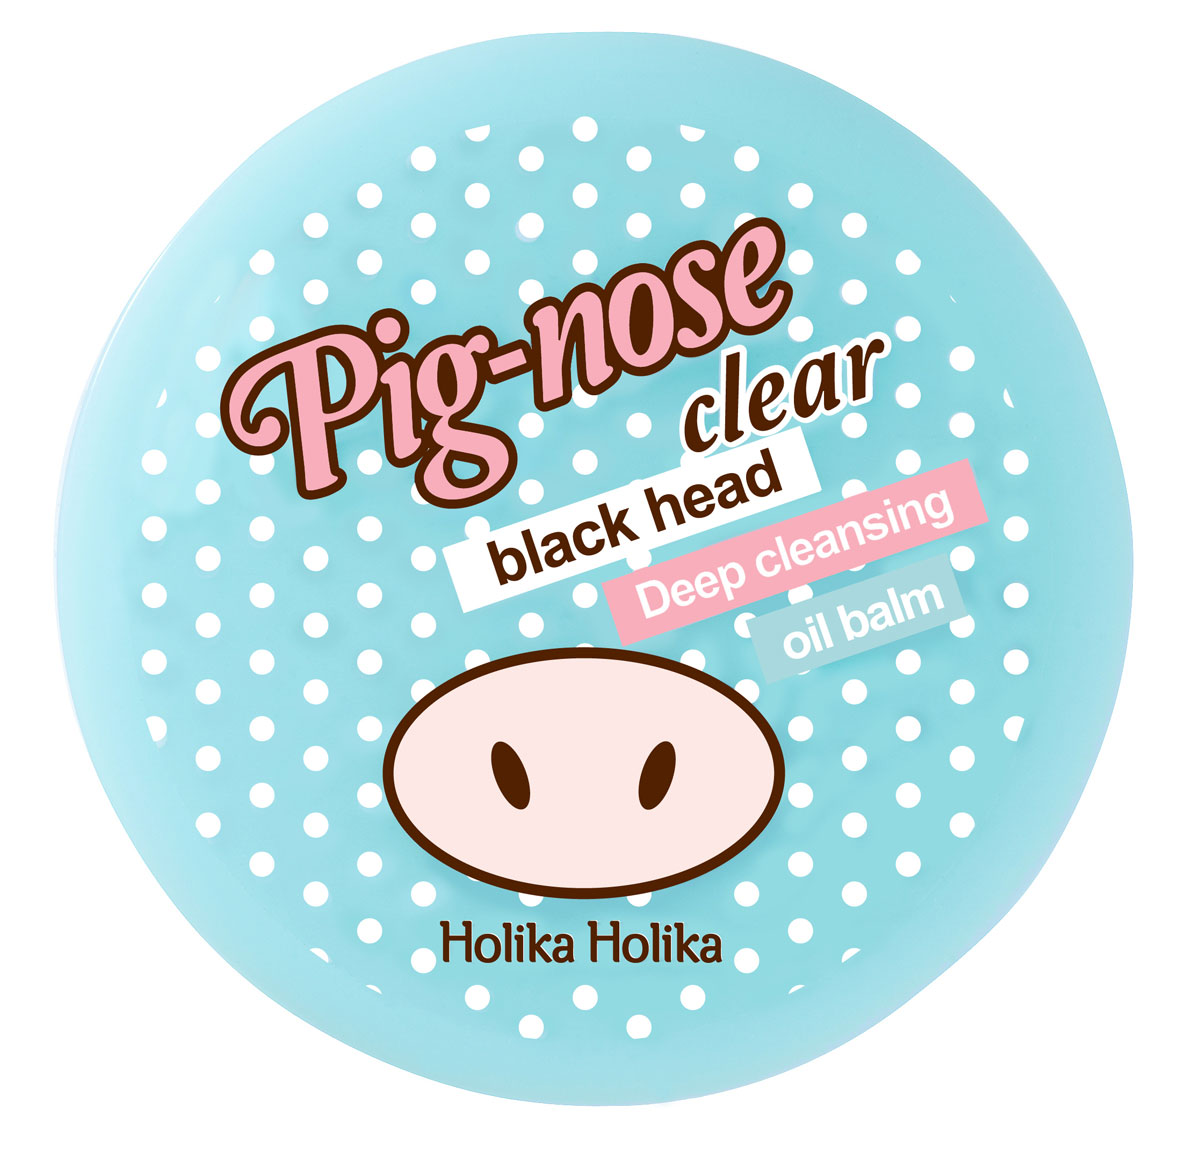 Holika Holika Бальзам Pig-nose для очистки пор, 30 мл20011713Holika Holika Pig-nose - эффективный очищающий бальзам против черных точек. Нежная текстура бальзама мягко очищает кожные выделения и глубоко проникает в поры, удаляя все загрязнения. Основной ингредиент - розовая глина, она отлично абсорбирует кожный жир и помогает контролировать работу сальных желез. Экстракты алоэ вера и лимона увлажняют кожу и предотвращают появление несовершенств. Лимон также немного выбеливает текстуру кожи. Это средство действует эффективнее с другими средствами из серии. Применение: нанесите на участки кожи с черными точками. Оставьте на 5 минут. Удалите и умойтесь теплой водой. Характеристики:Объем: 30 мл. Артикул: 20011713. Производитель: Корея. Товар сертифицирован.